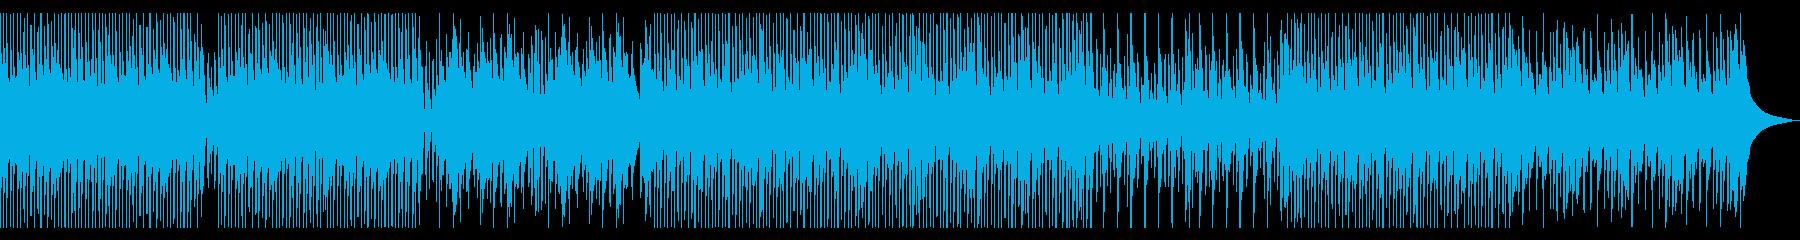 明るく軽快で柔らかいウクレレ中心の曲の再生済みの波形